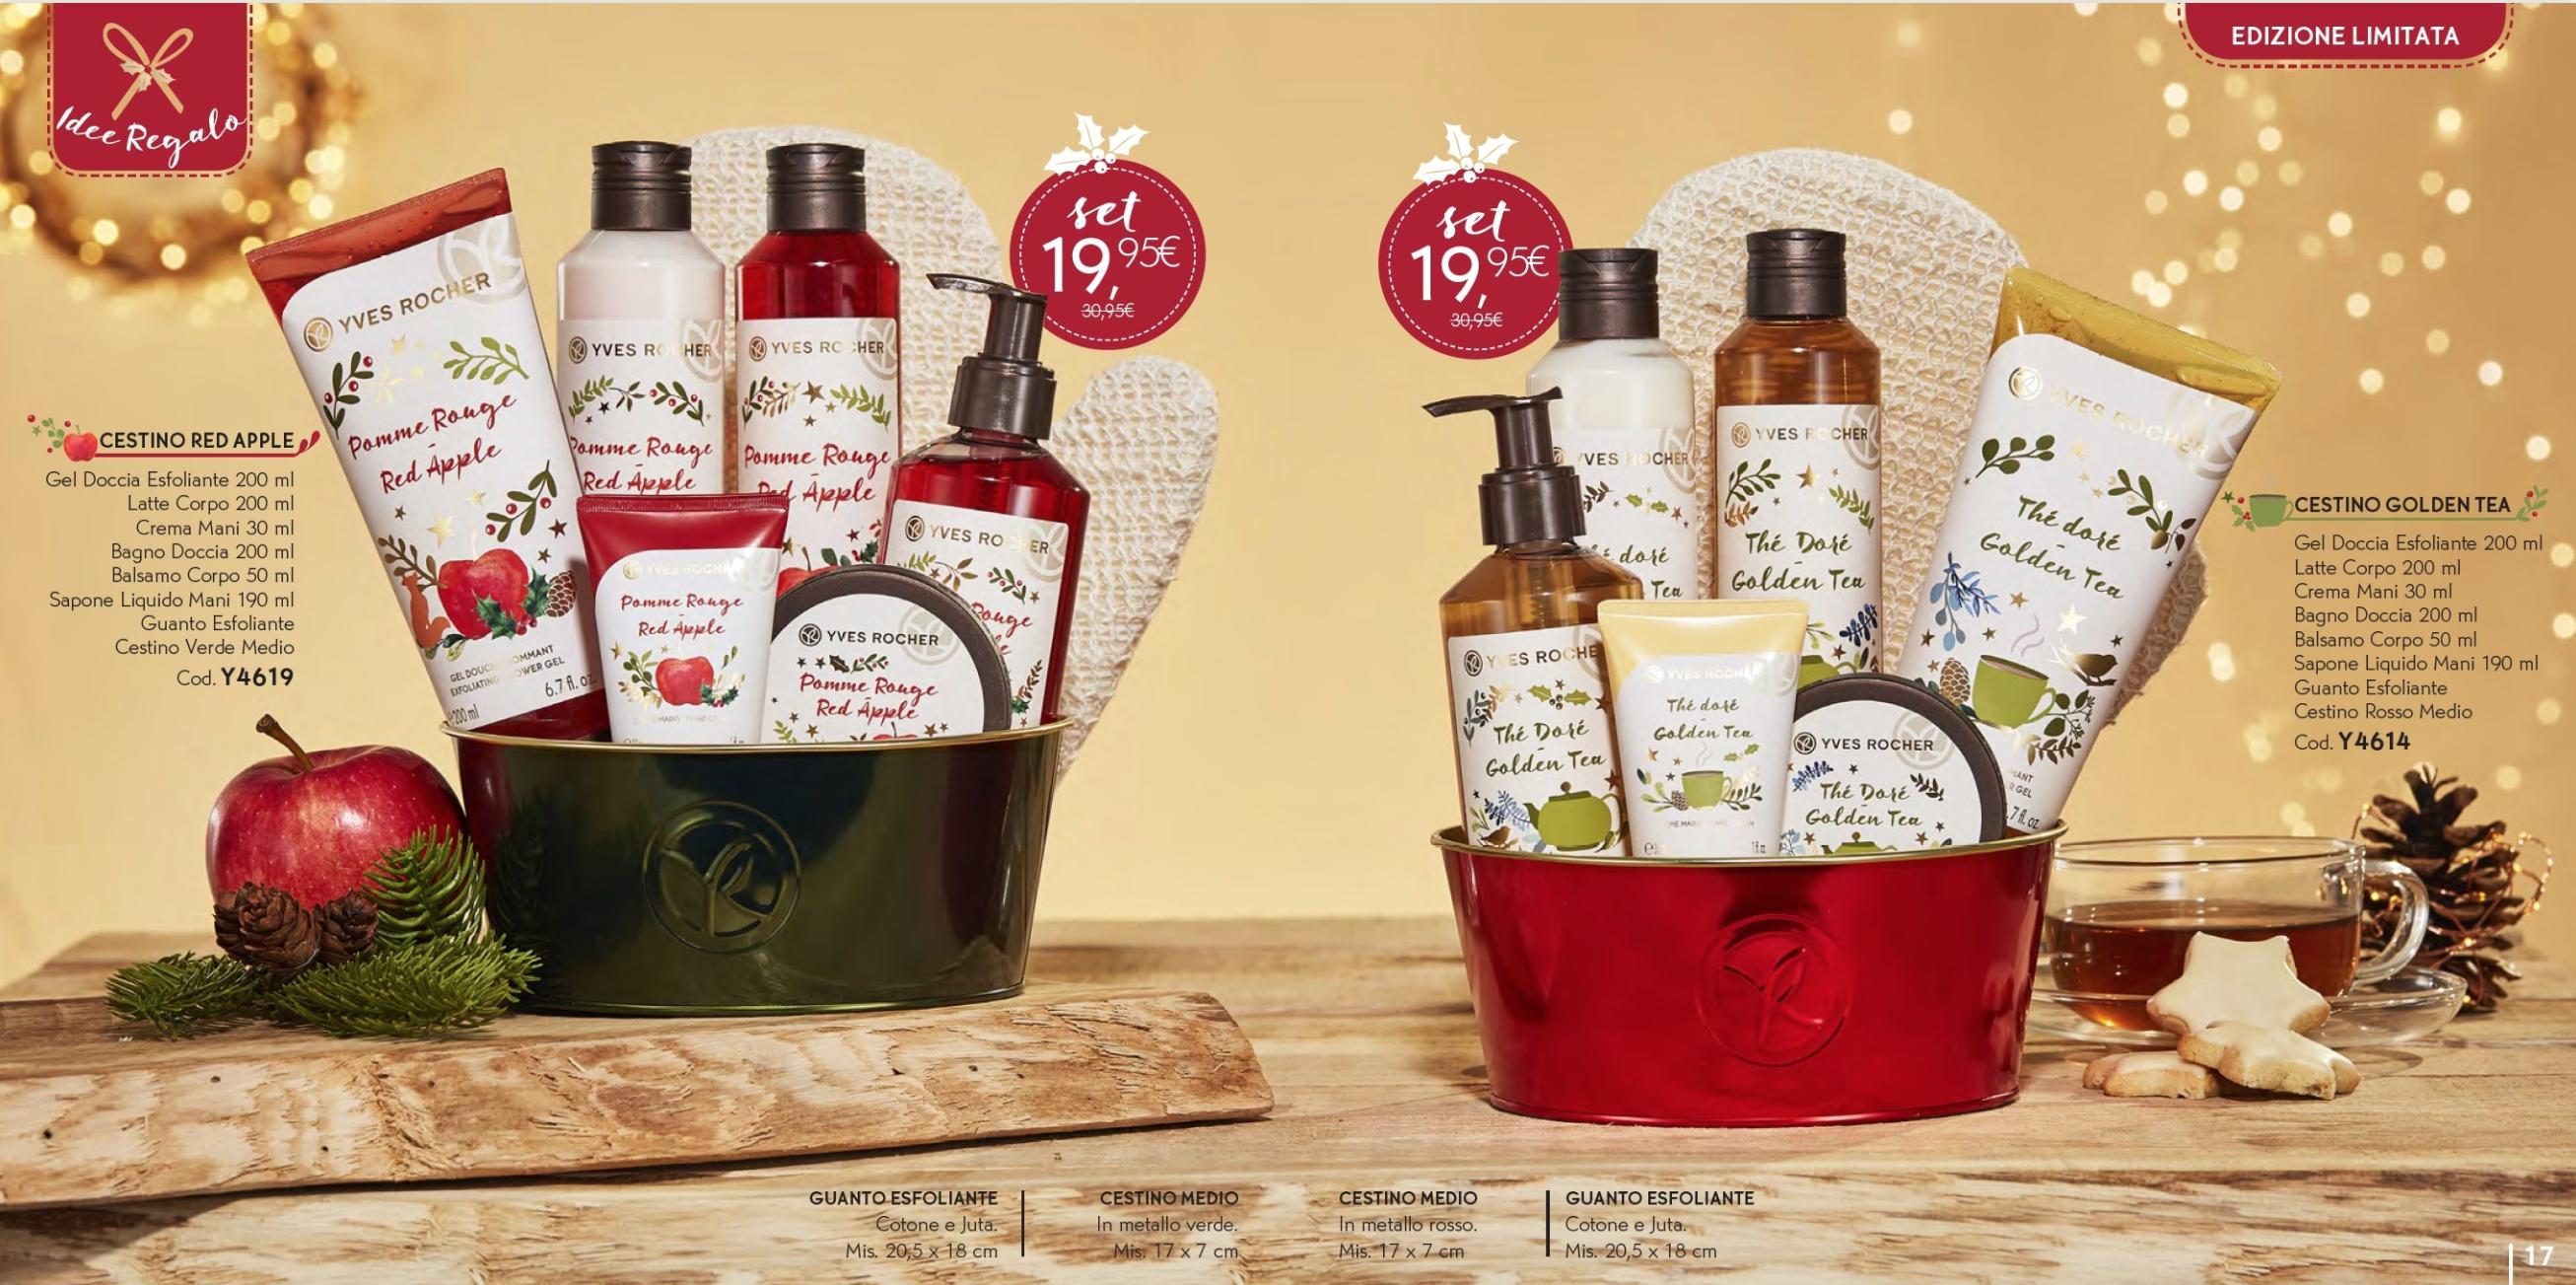 Il Natale Yves Rocher - Idee regalo, cofanetti, info, review, recensione, prezzo, cestini - Cestini 3